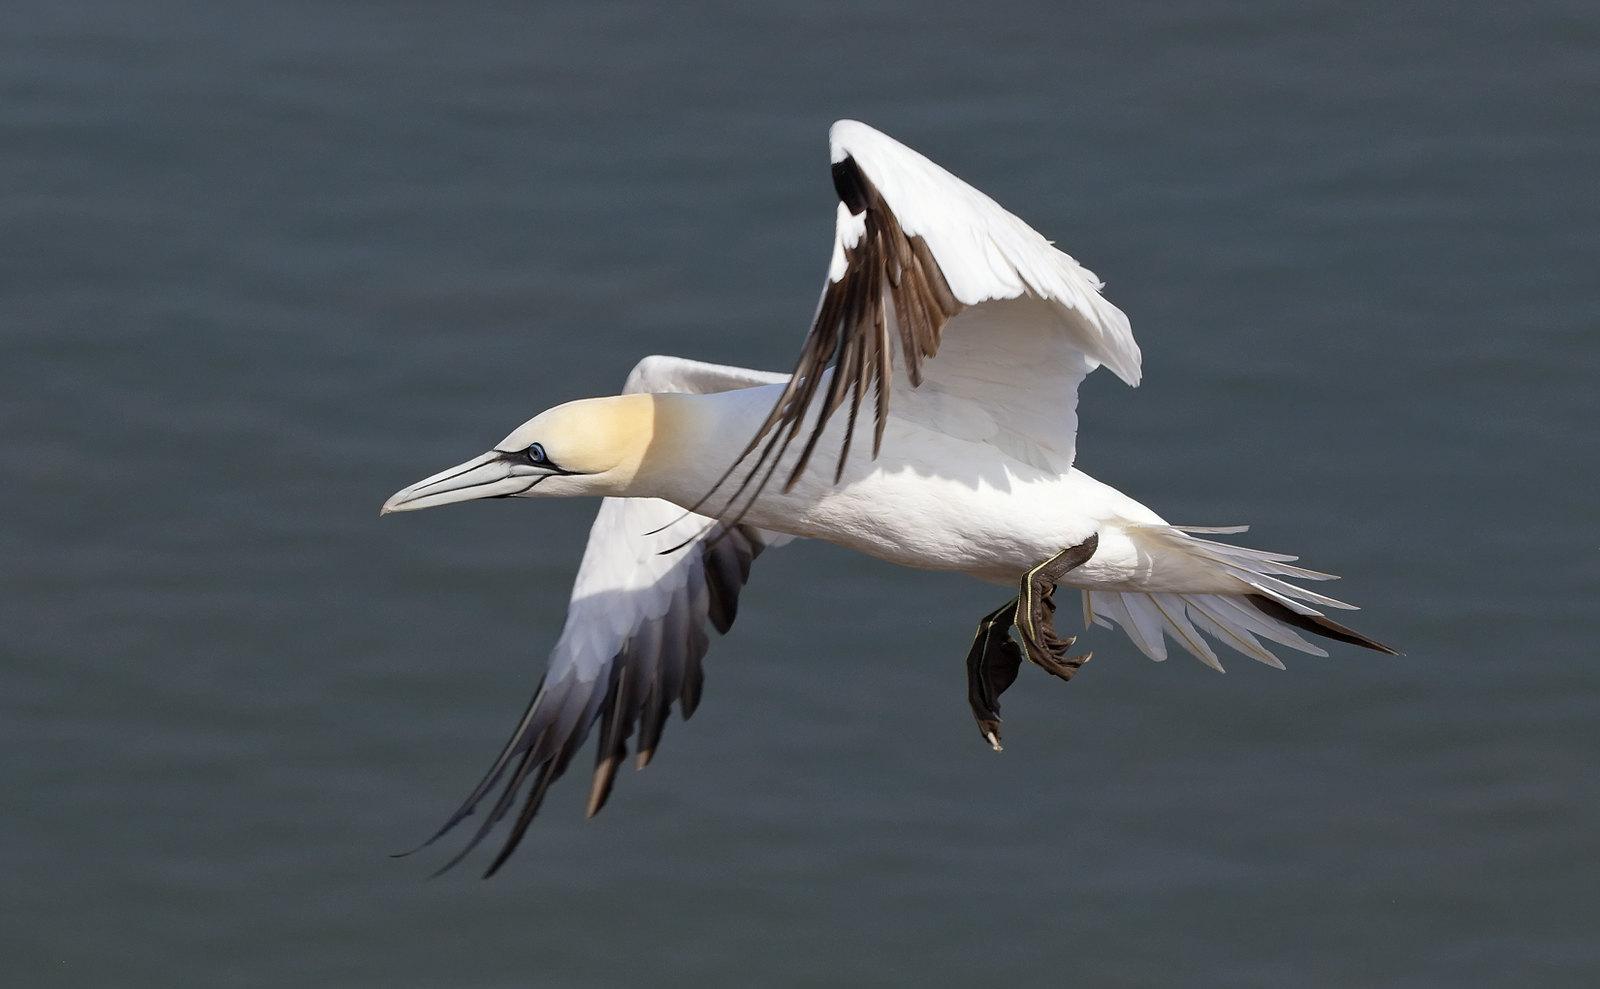 Gannet